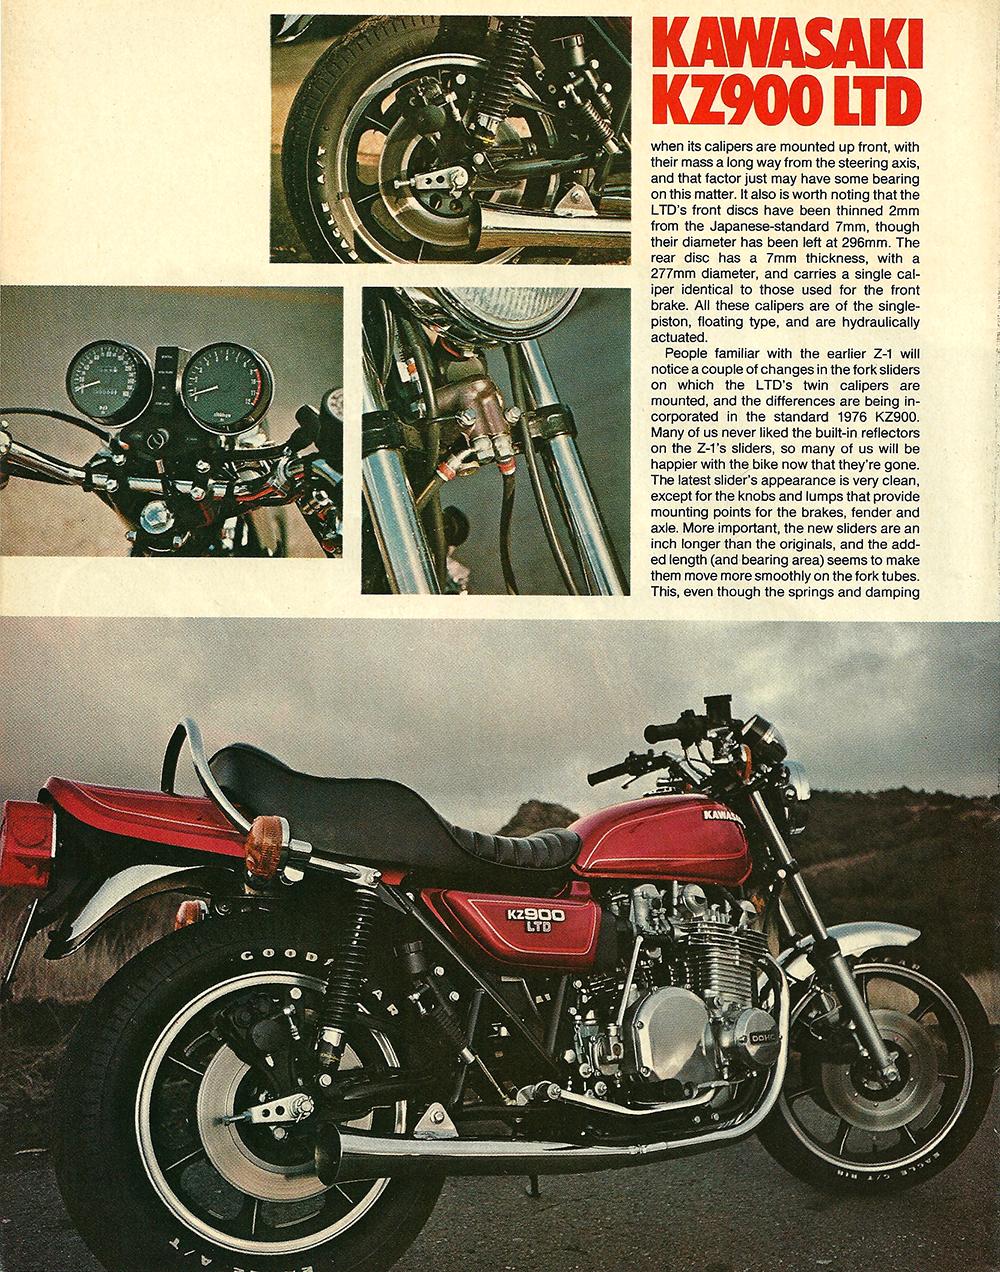 1976 Kawasaki KZ900 LTD road test 3.jpg